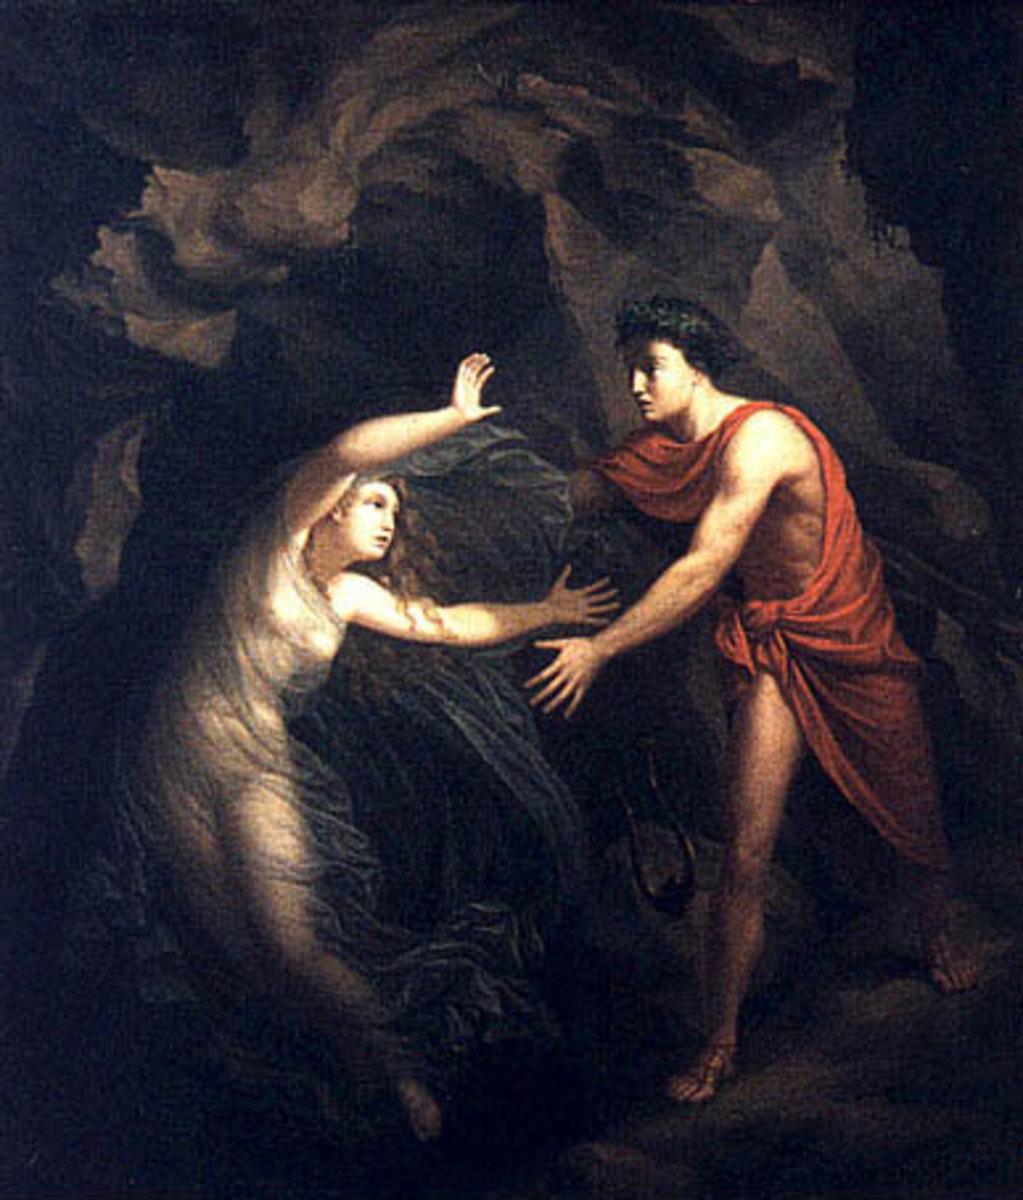 Orpheus and Eurydice by Christian Gottlieb Kratzenstein.